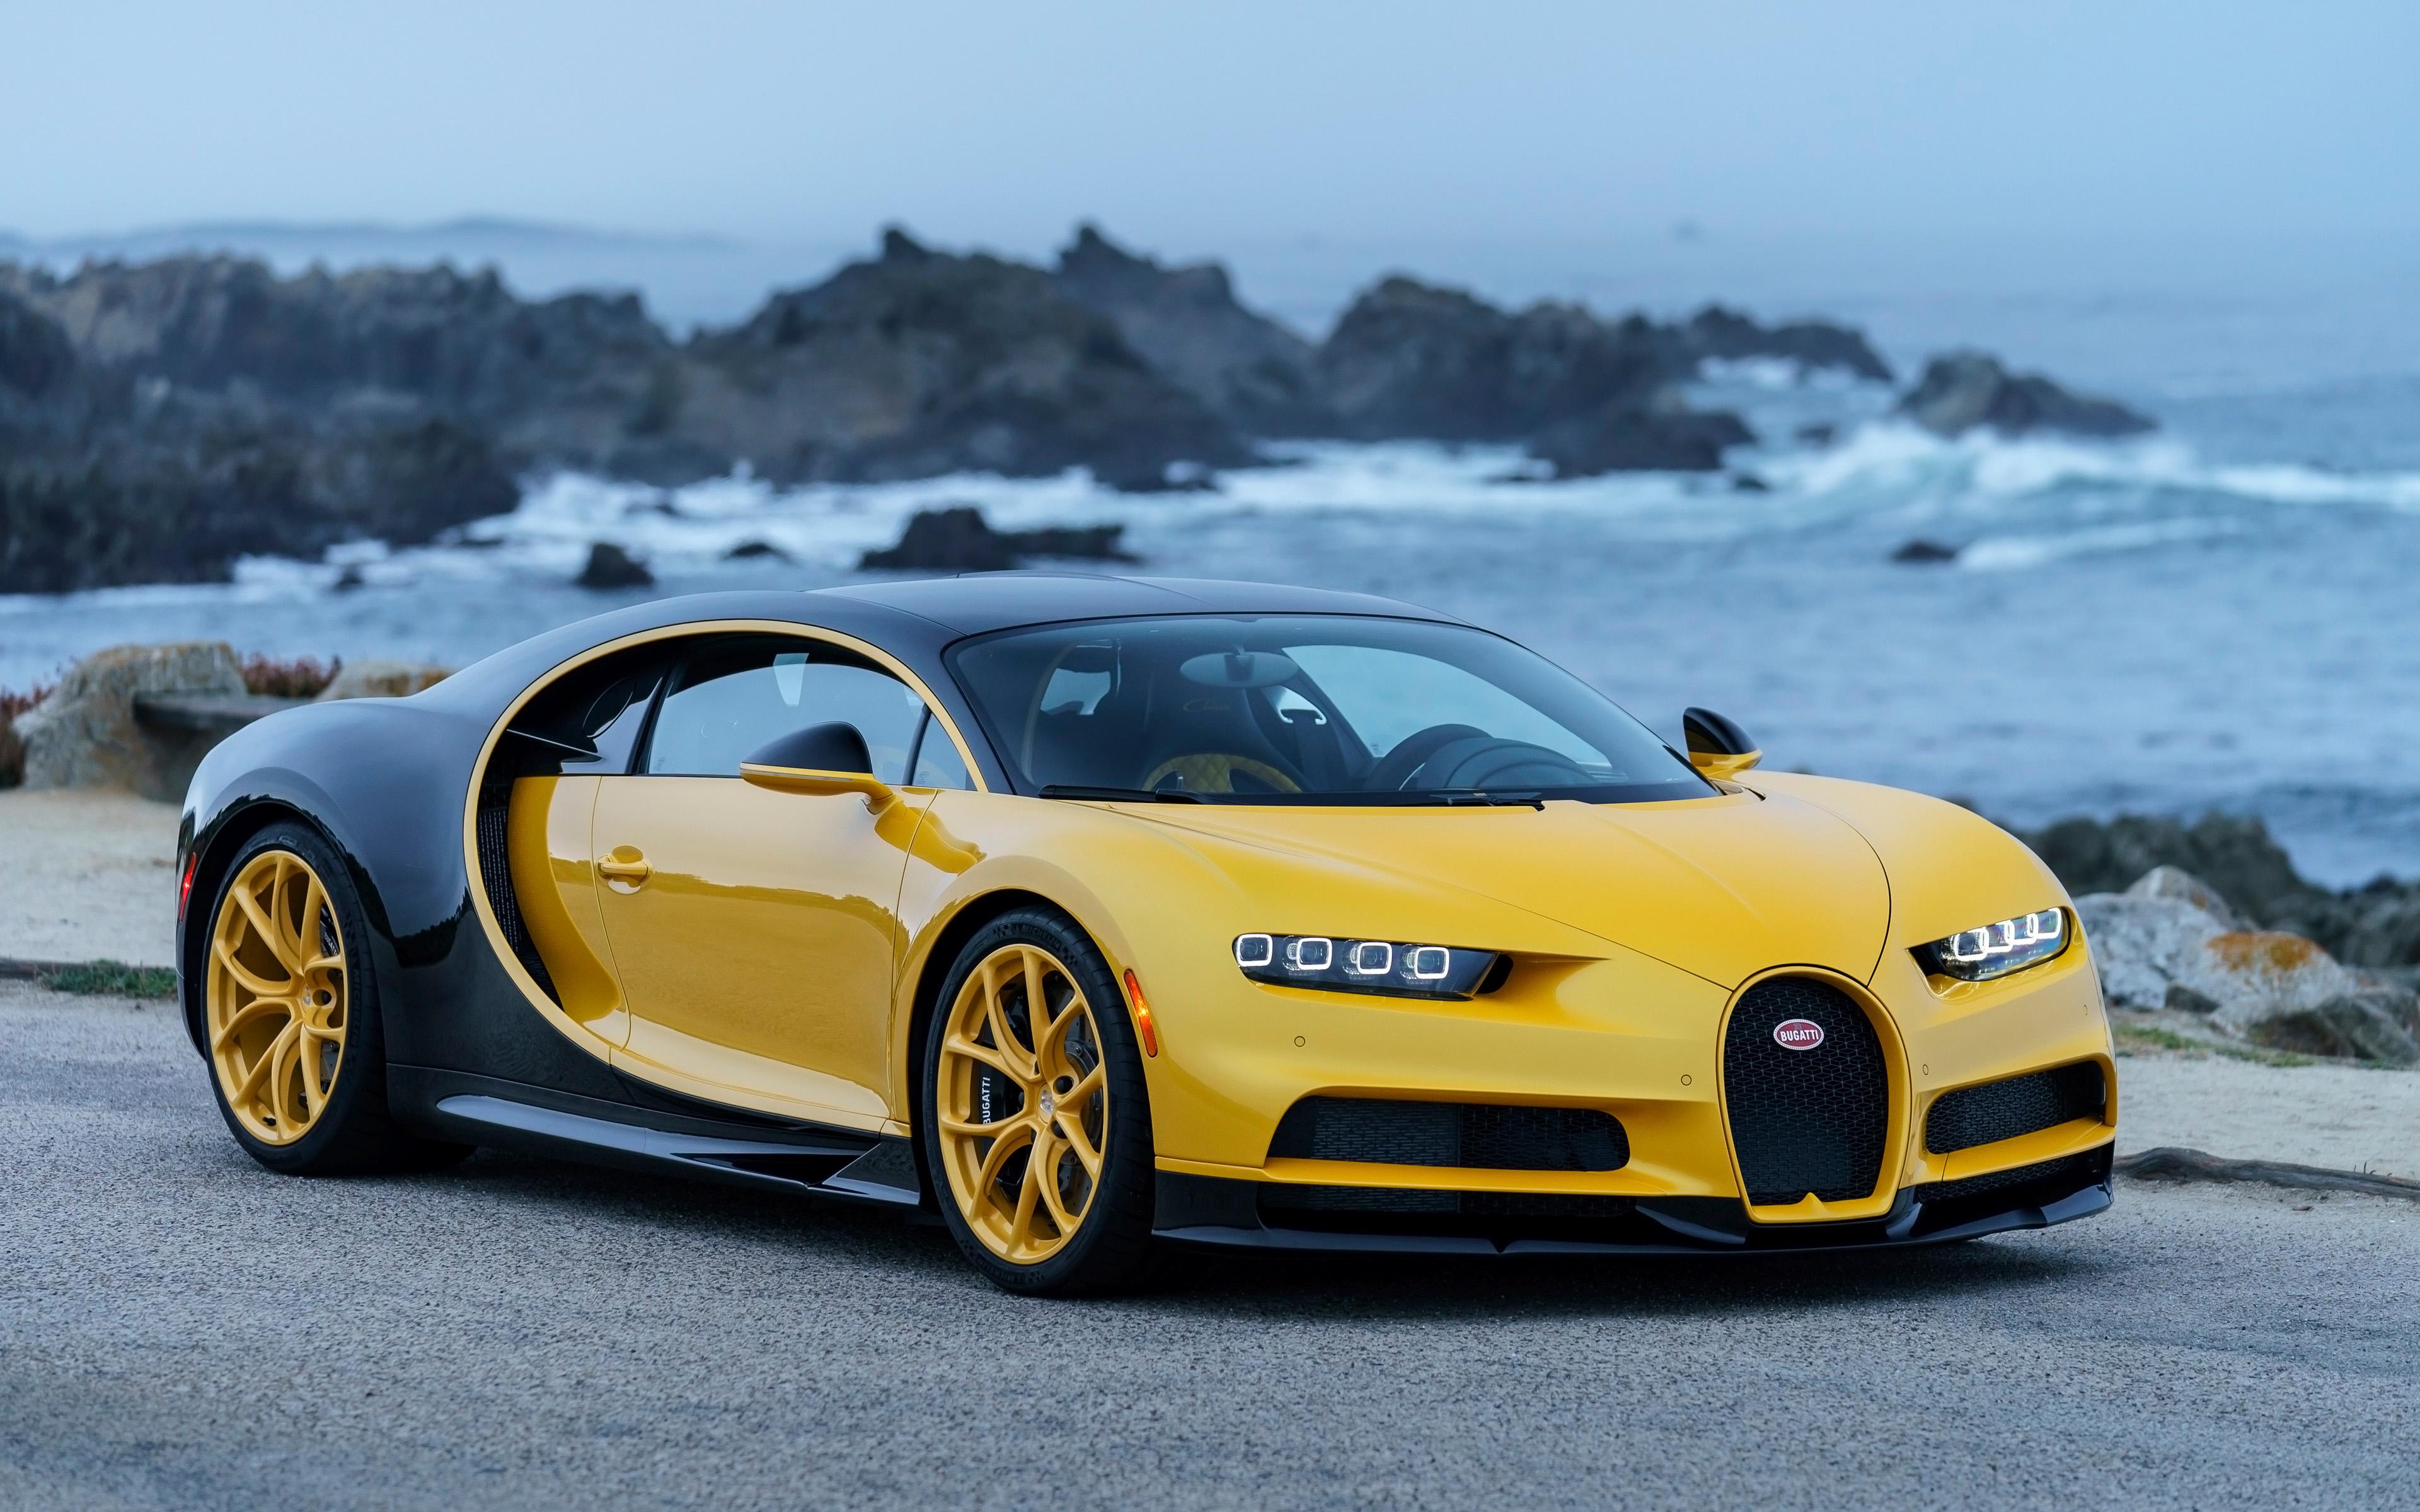 2018 Bugatti Chiron Yellow And Black 4k Wallpapers Bugatti Chiron Hell Bee 3840x2400 Wallpaper Teahub Io